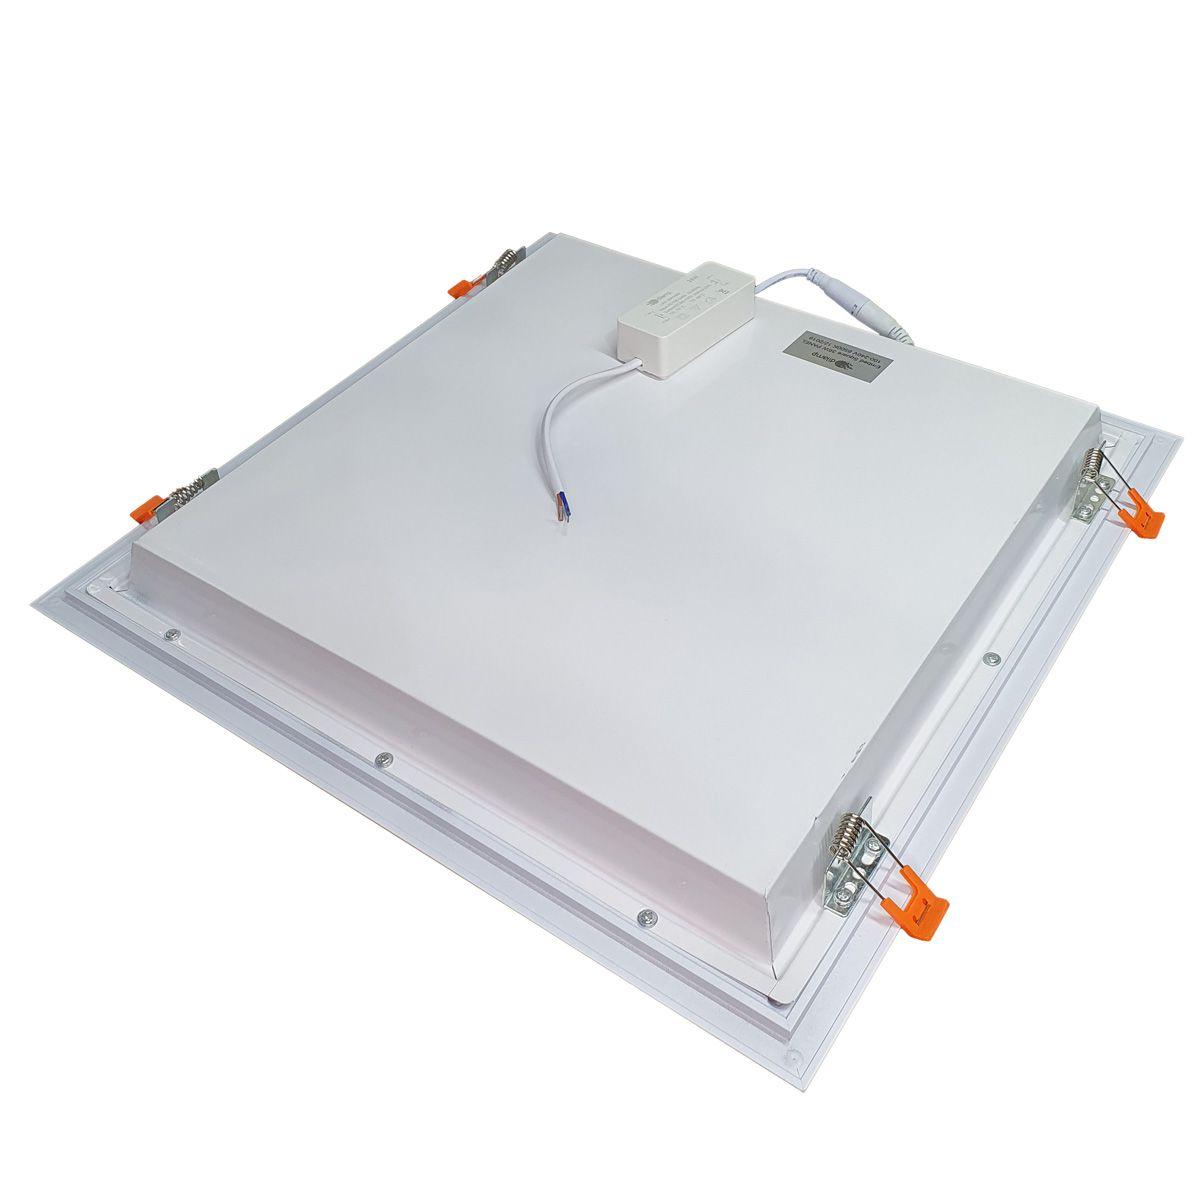 Painel Plafon Led 36w Quadrado Luminaria Embutir Branco Luz Frio